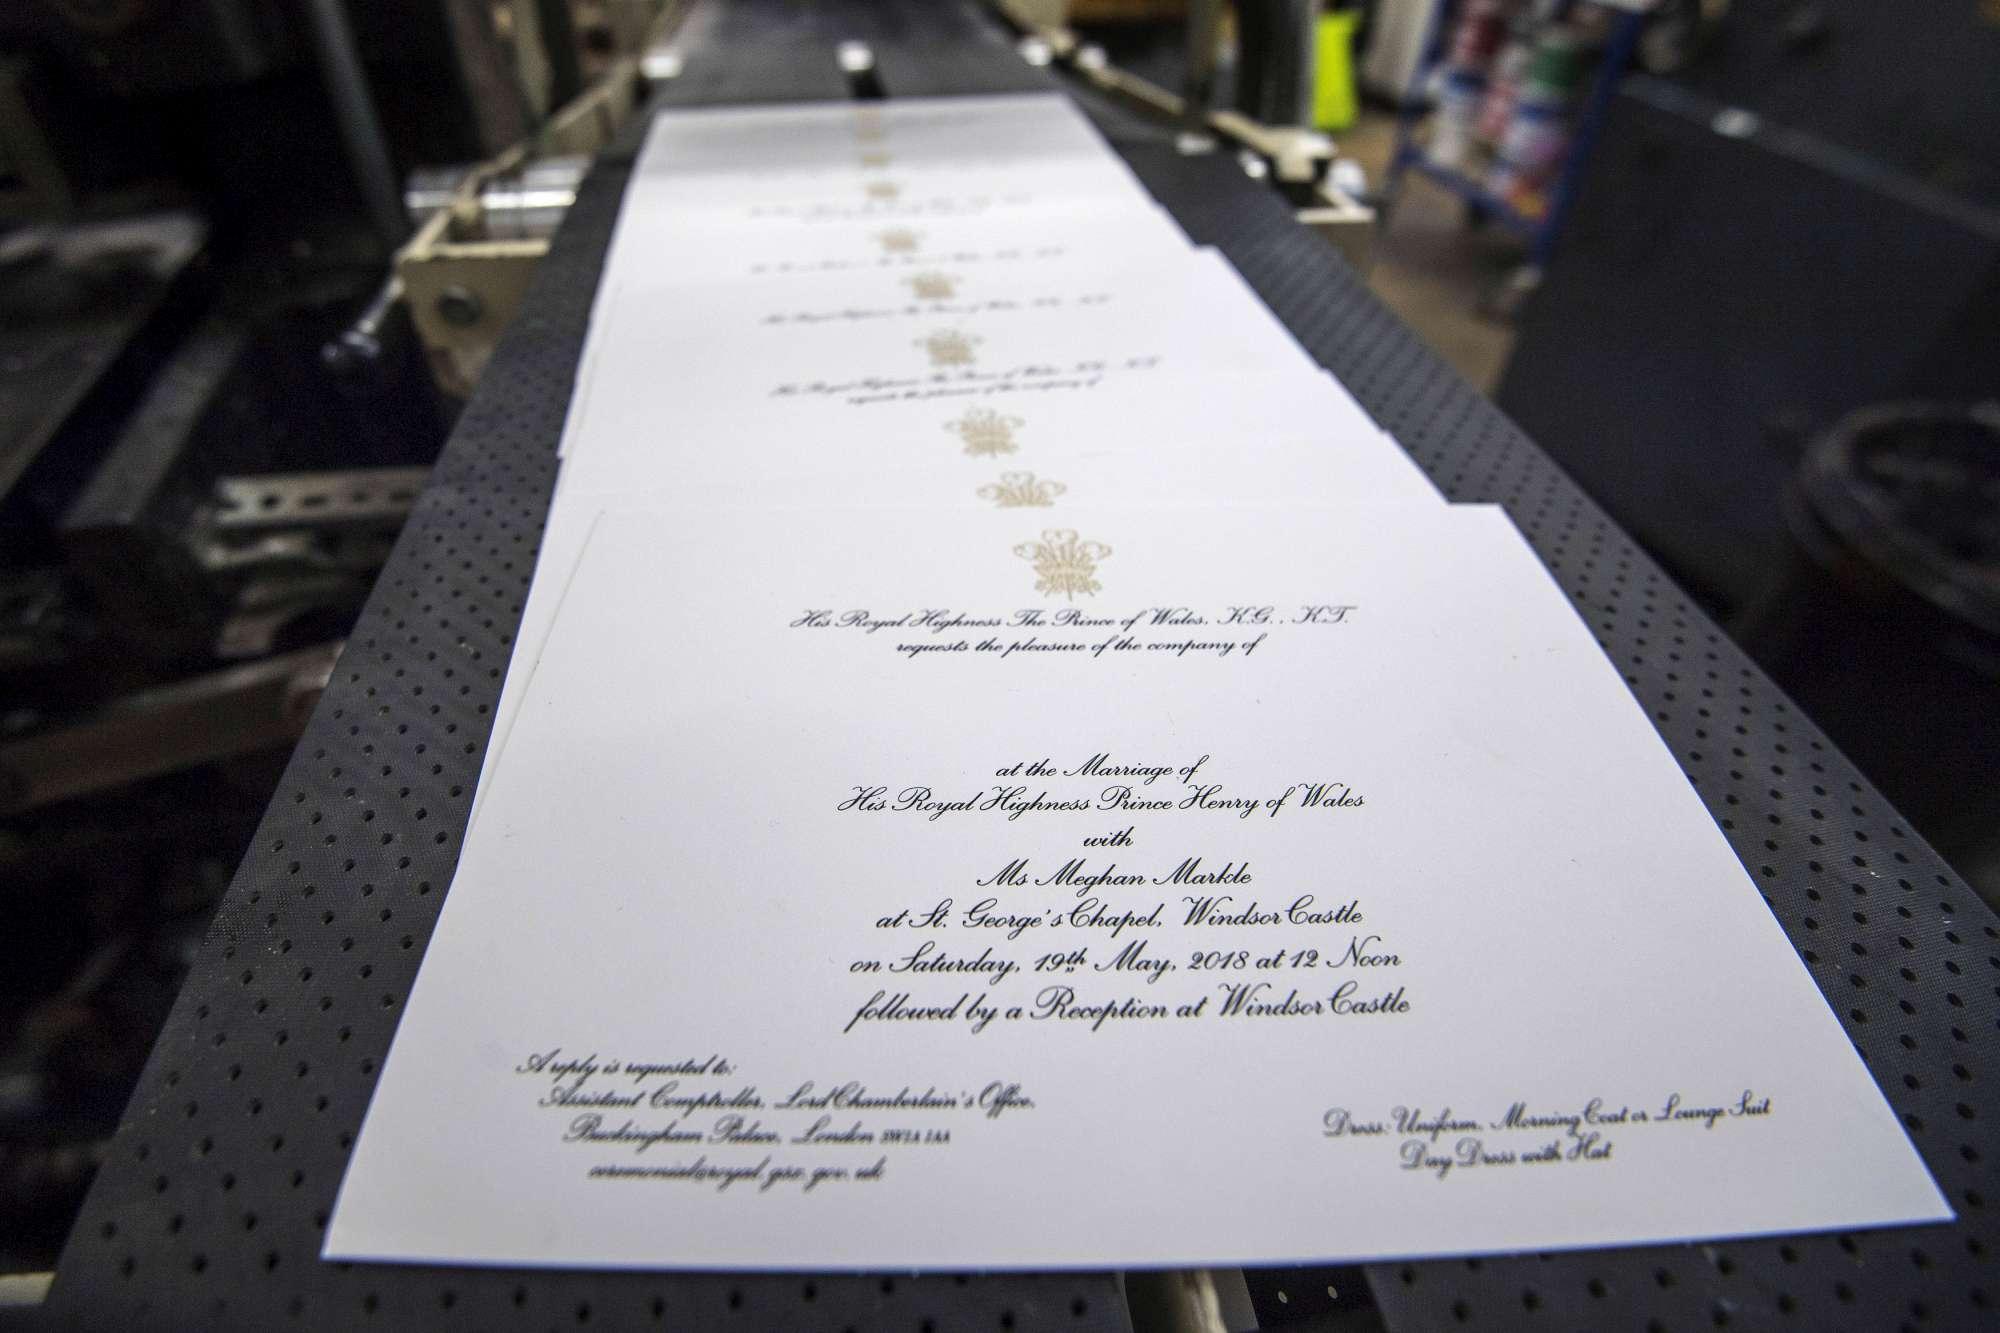 Pranzo Nuziale In Inglese : Harry meghan markle tra i dettagli delle nozze anche le salsicce